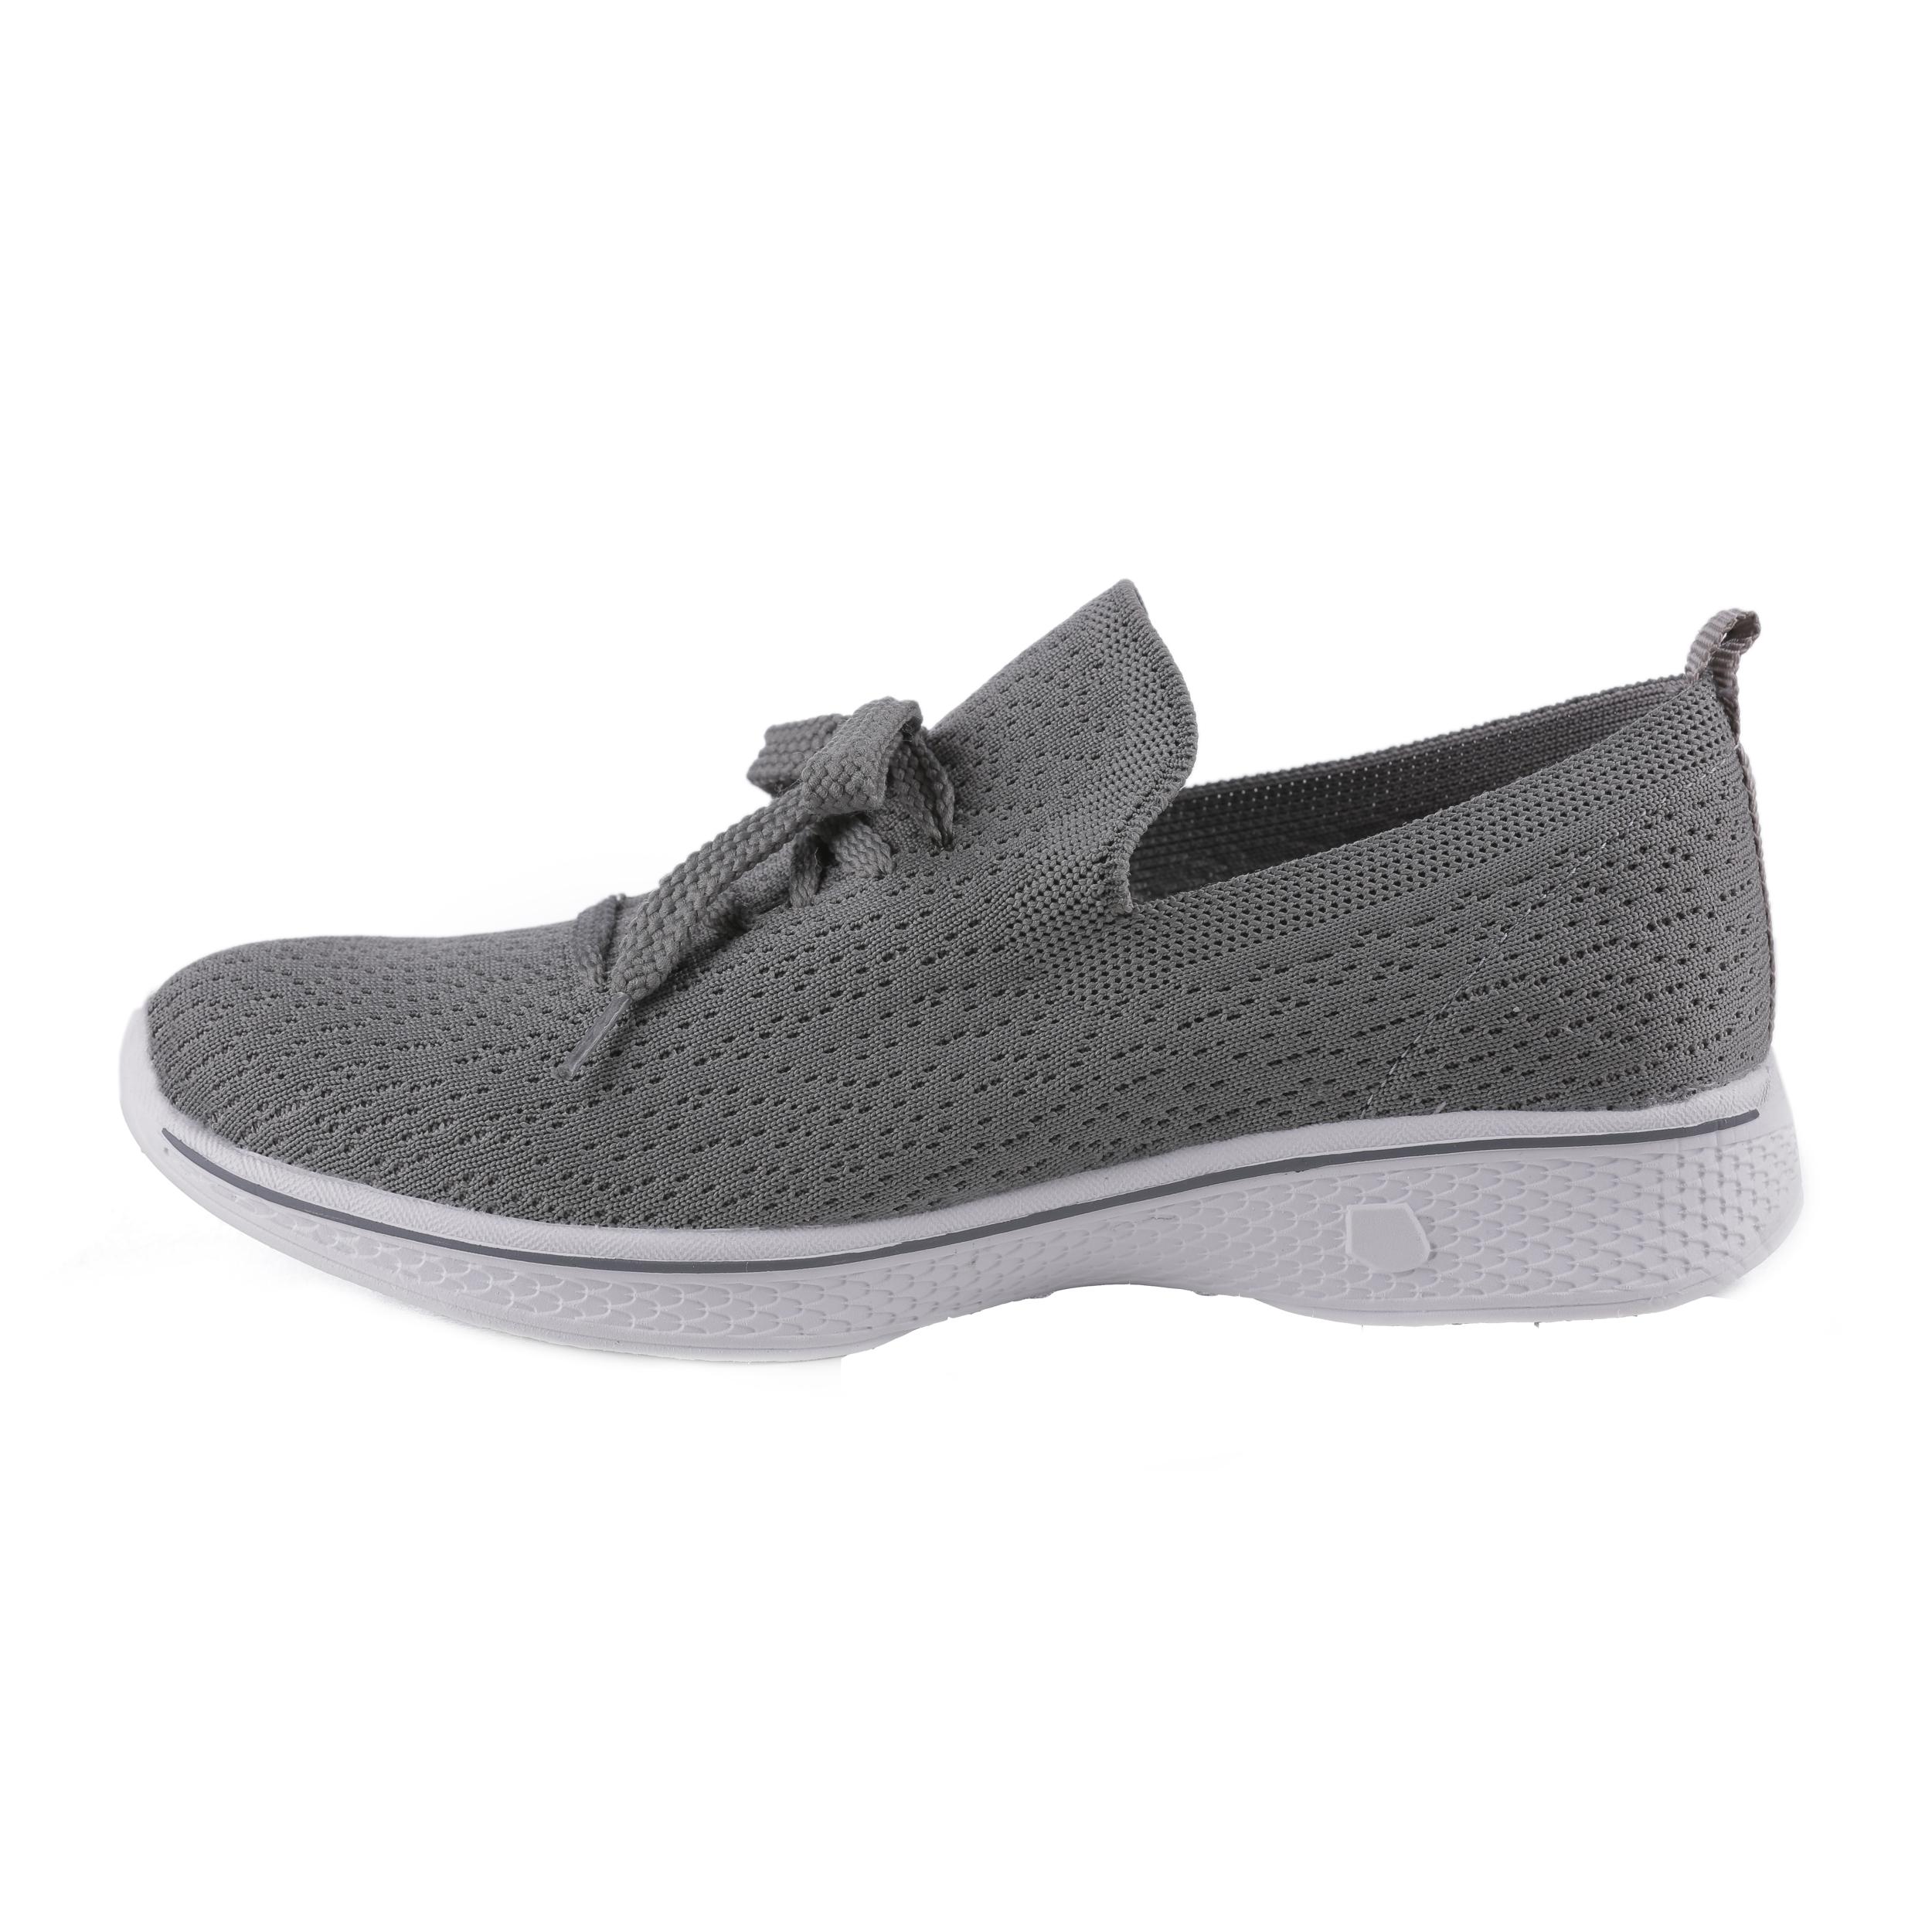 خرید کفش زنانه نهرین مدل درسا کد 3